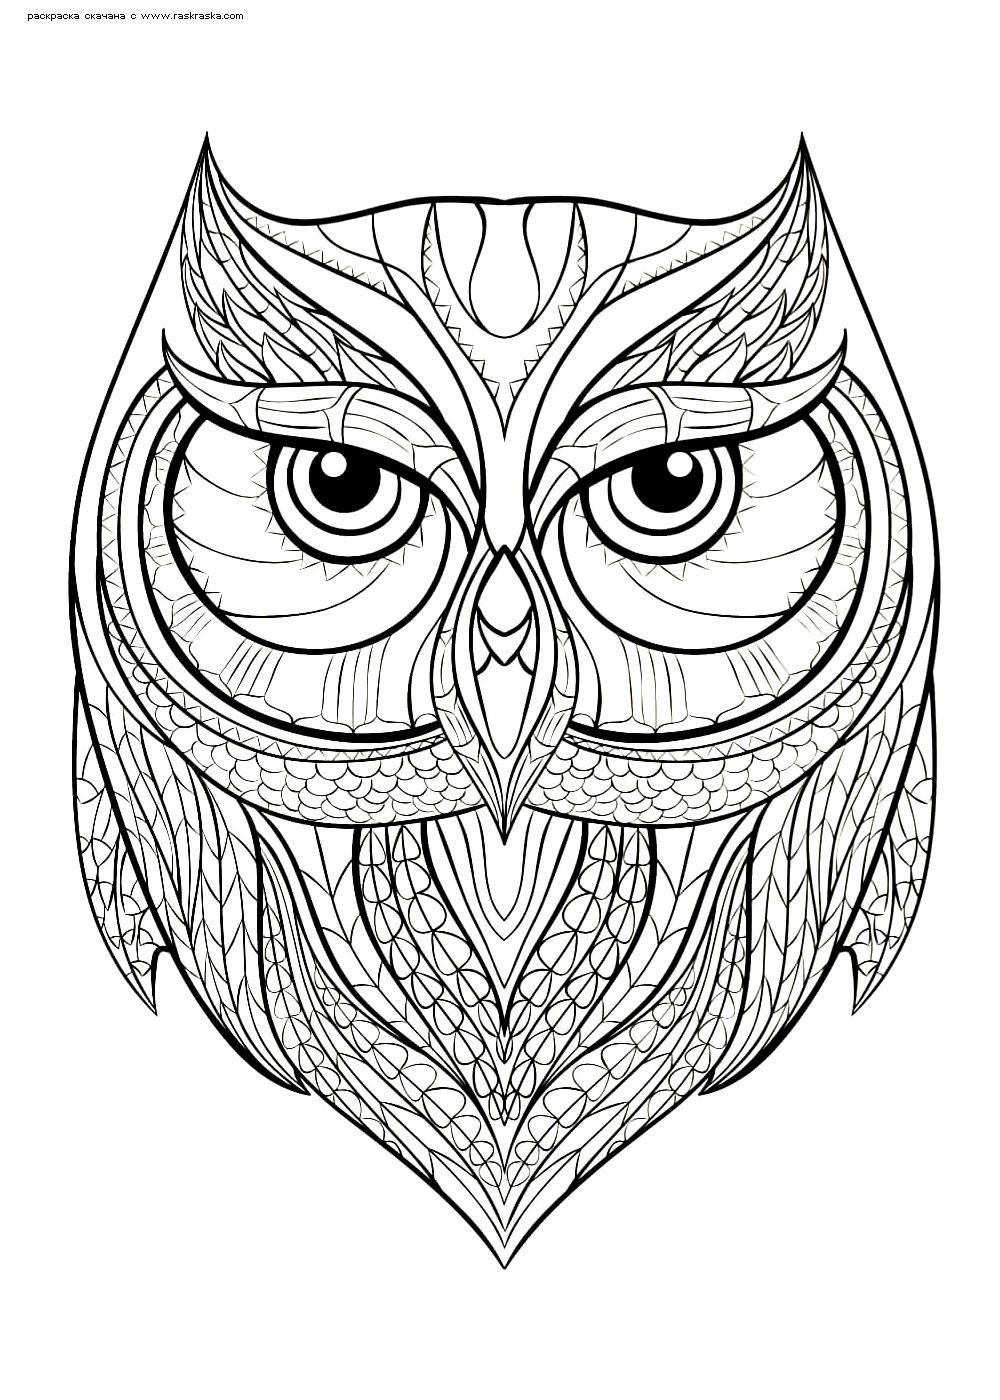 Раскраска Мудрая сова | Раскраски антистресс Совы. Сложные ...